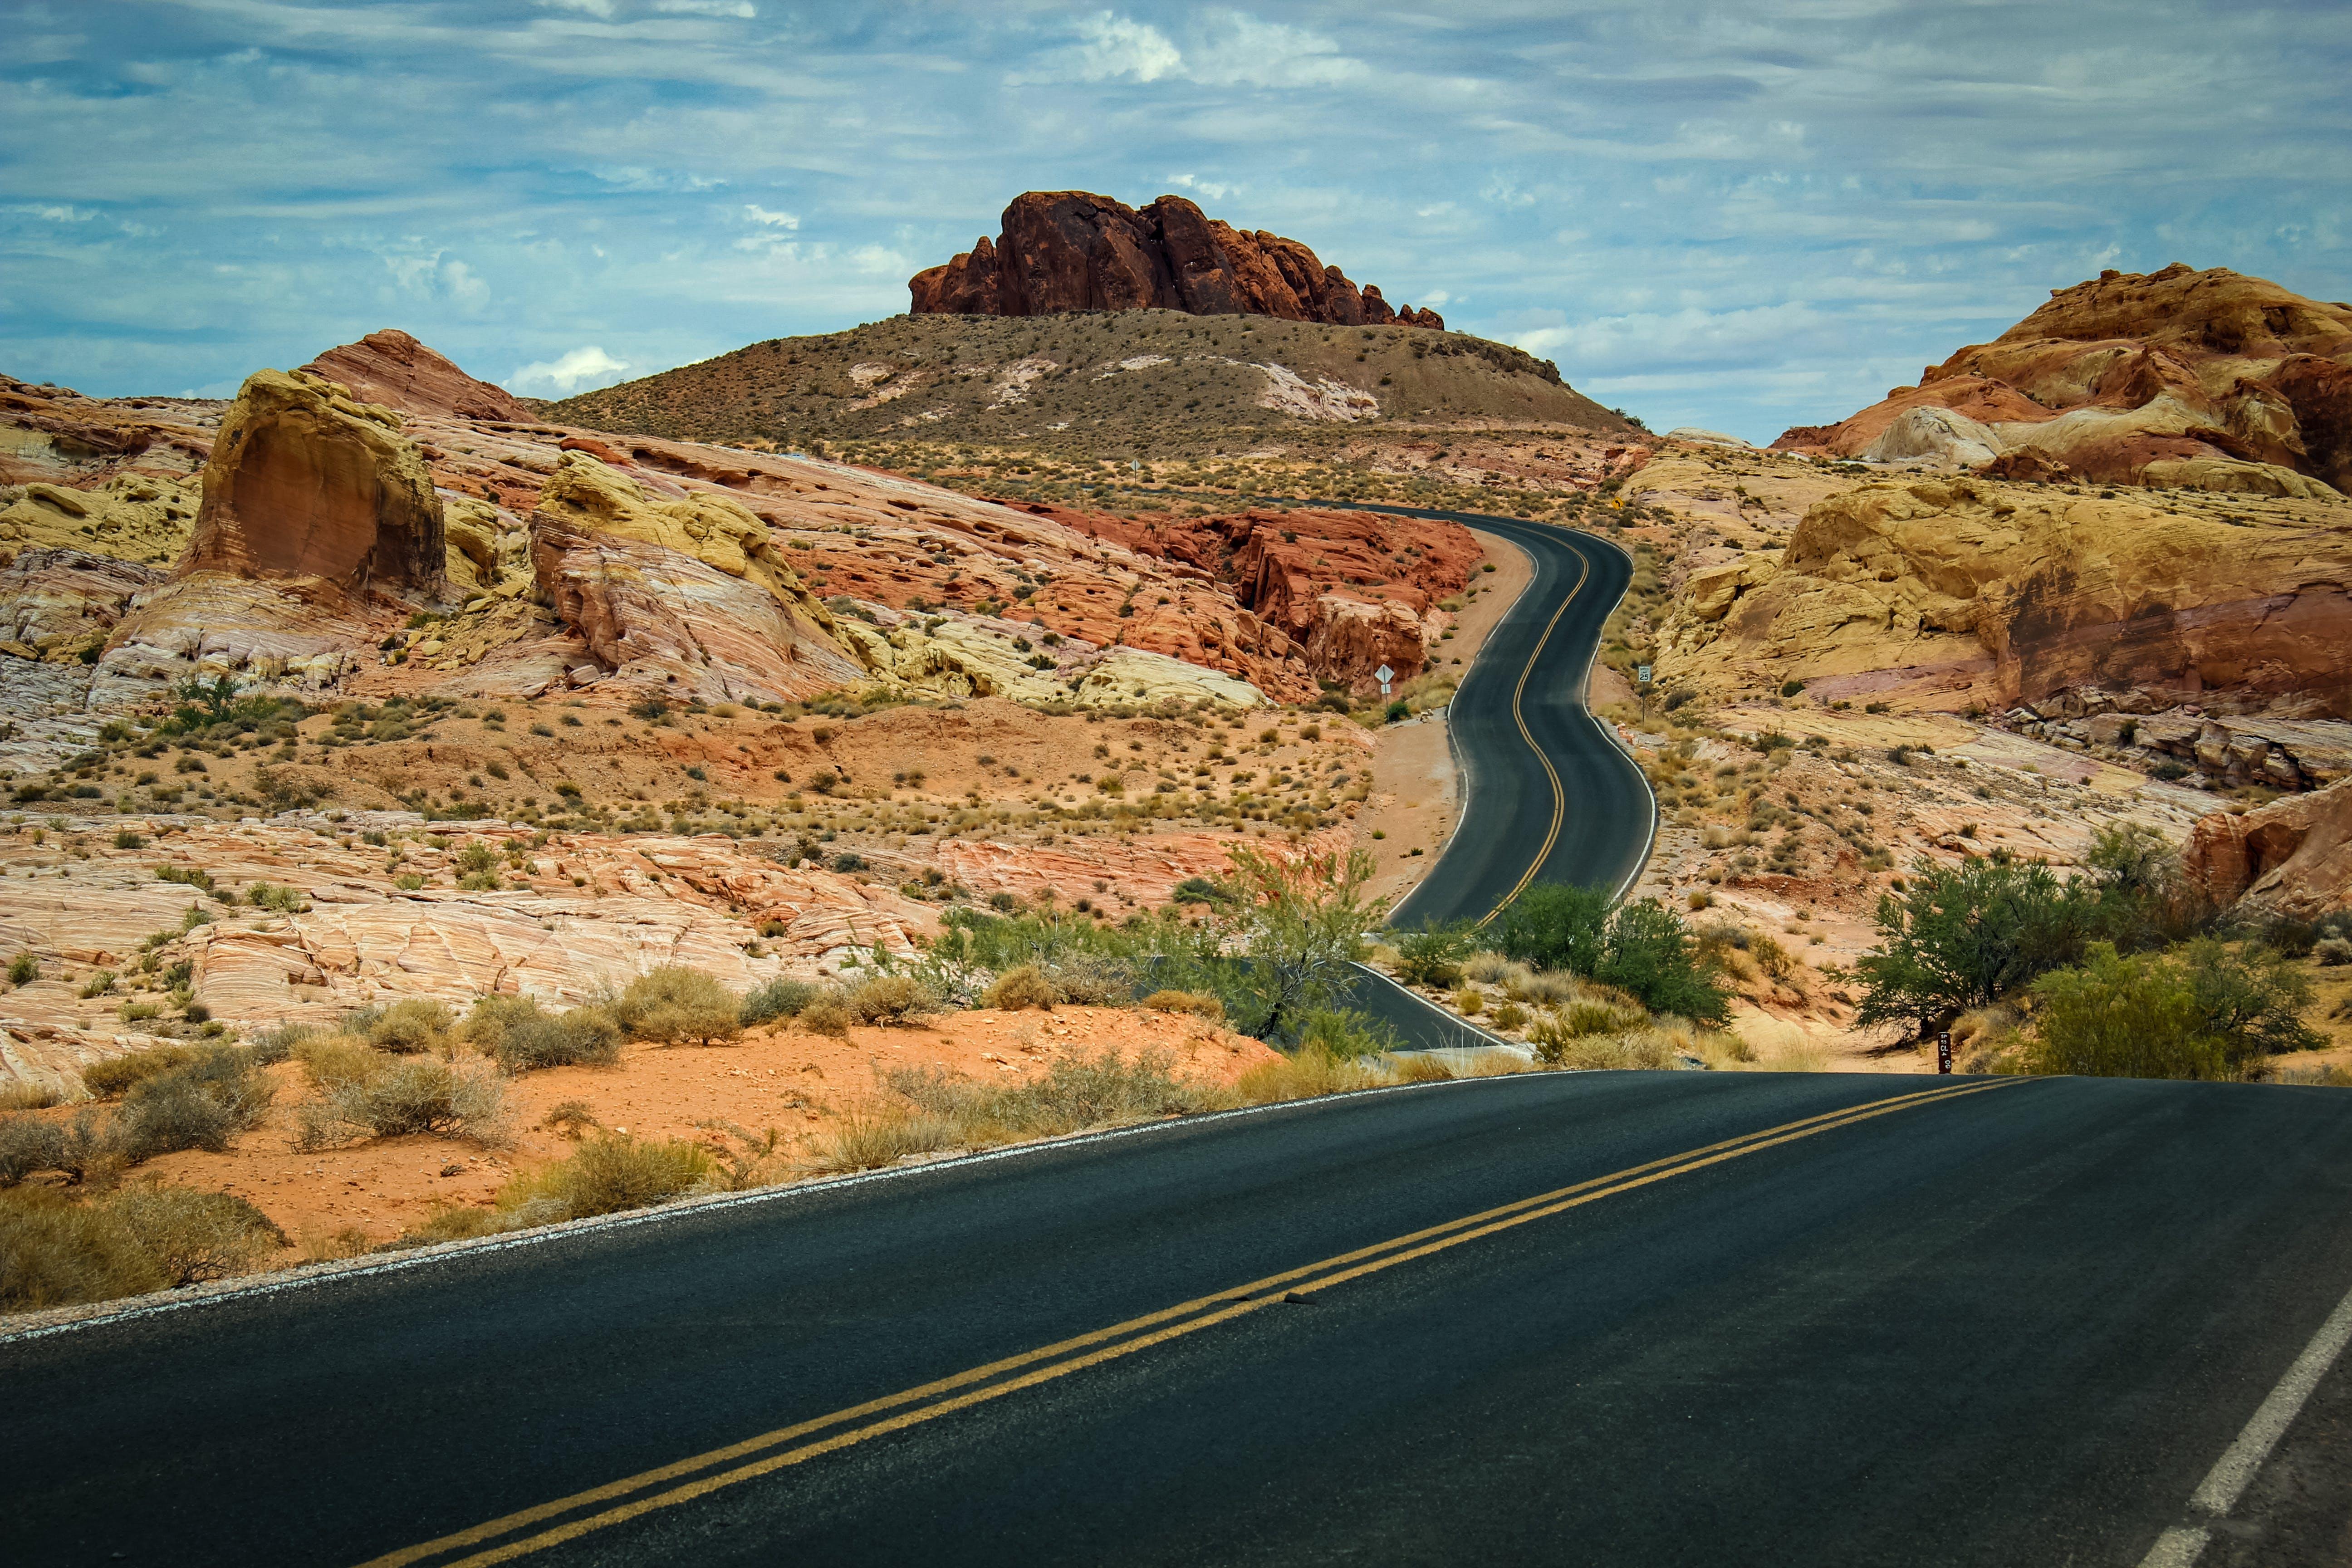 Kostenloses Stock Foto zu abenteuer, autobahn, berg, bürgersteig